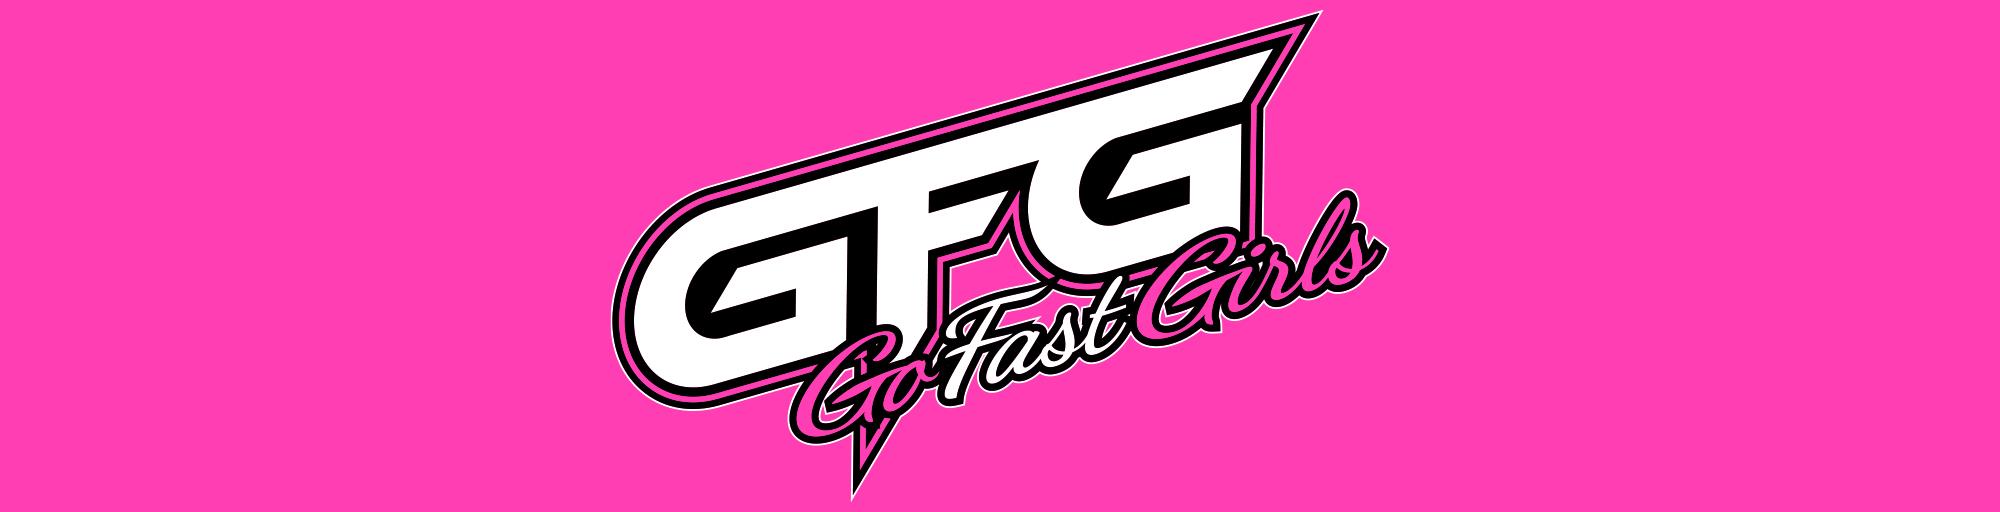 2021 go fast girls utvug article banner 2 2000x512 1